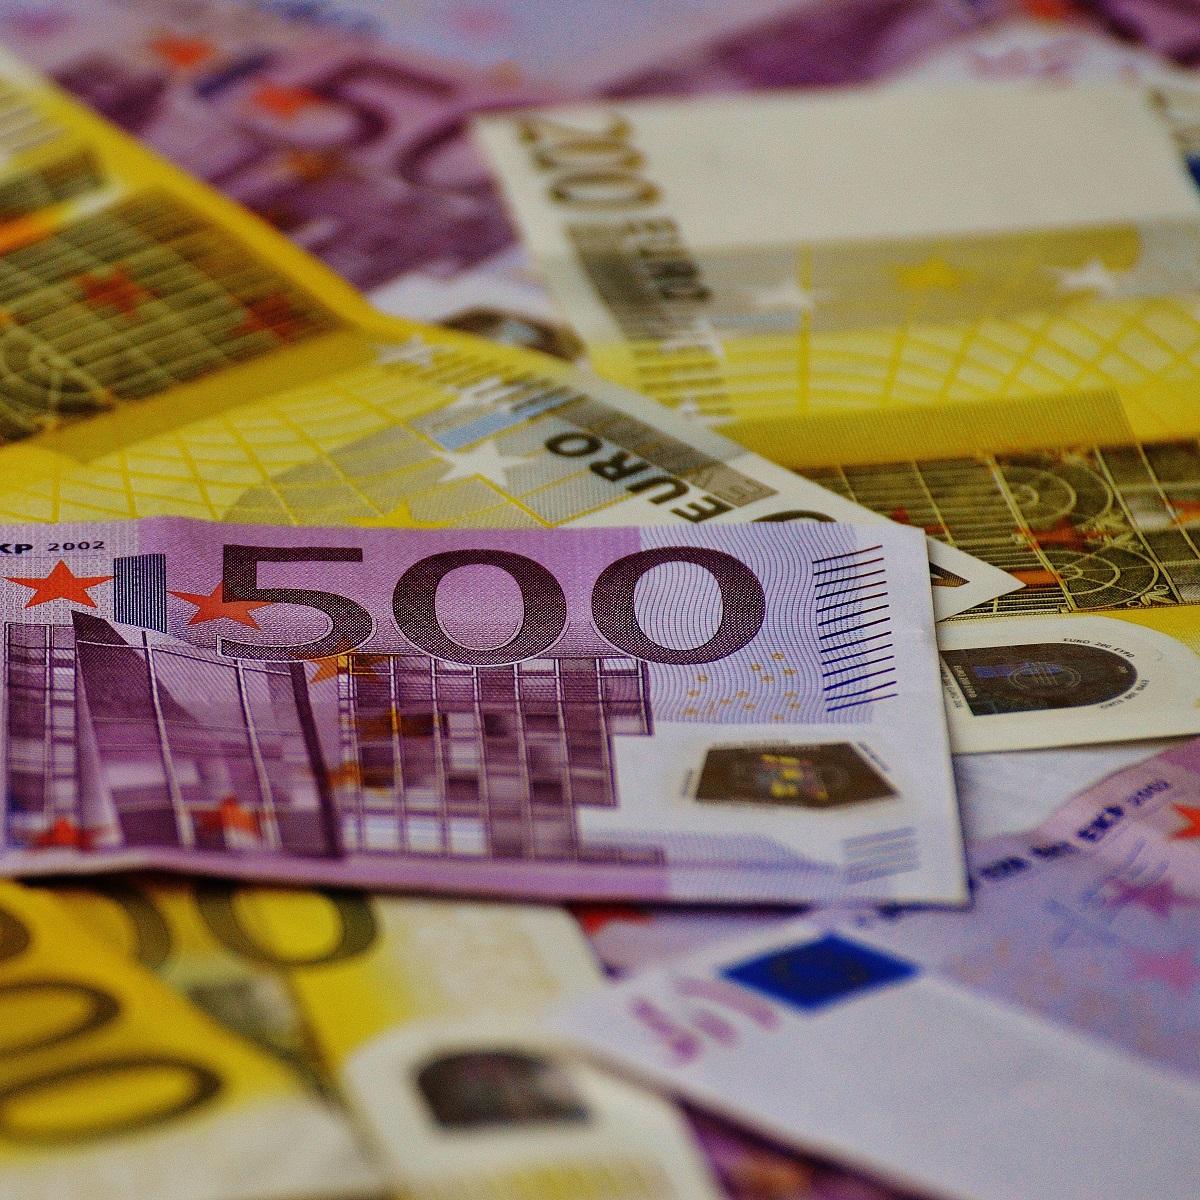 Guilmi ottenuto finanziamento di 50.000 euro foto